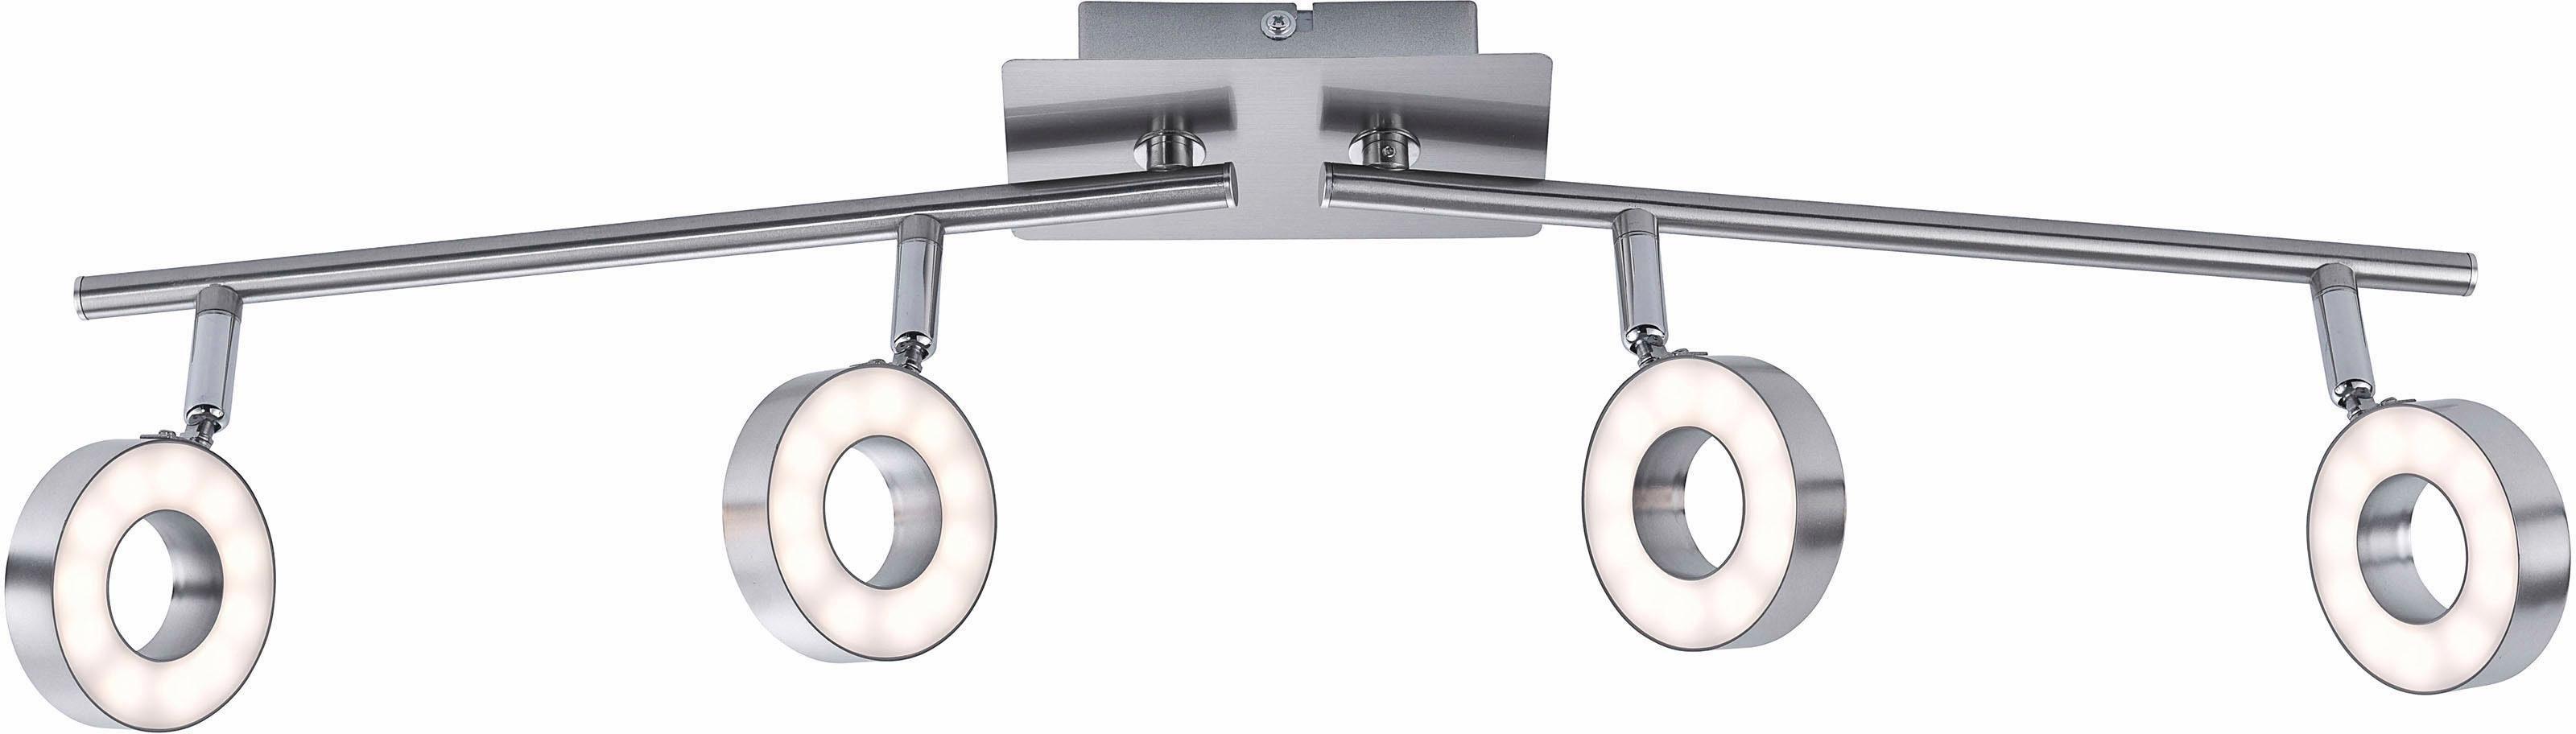 Leuchten Direkt LED Deckenleuchte »LUKAS«, 4-flammig